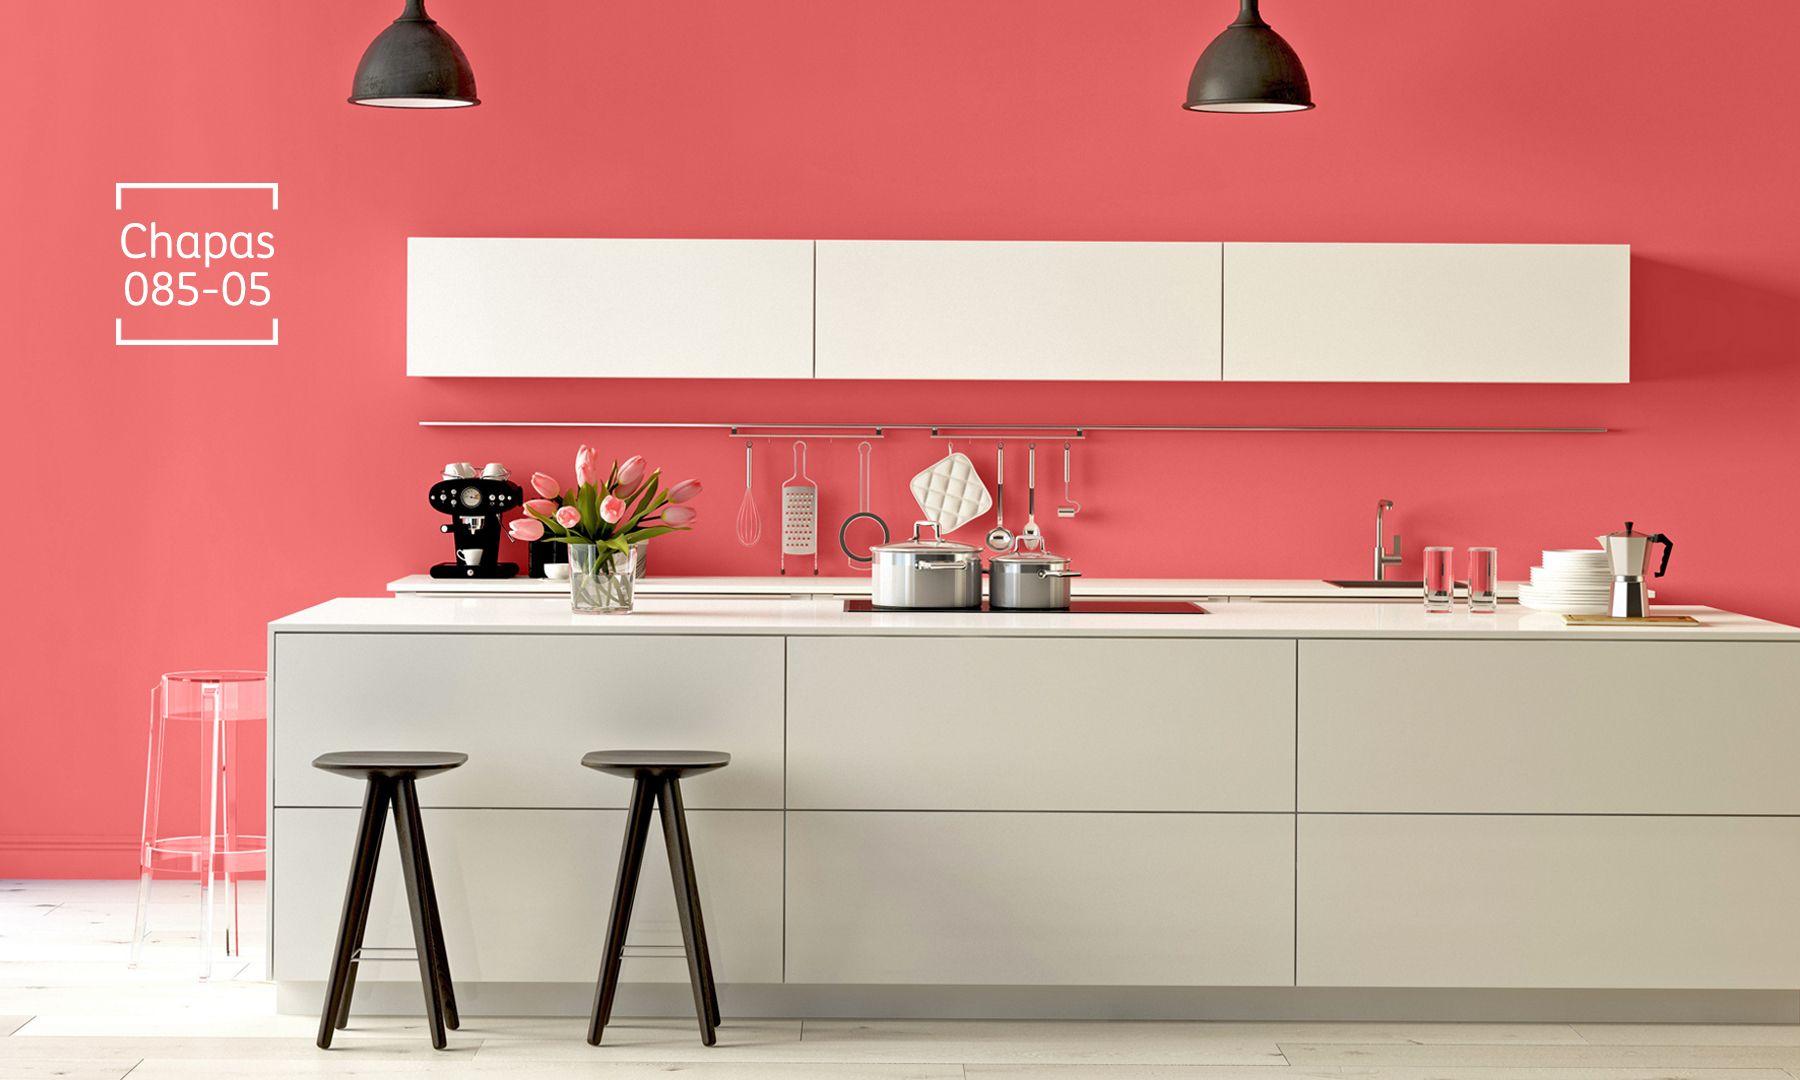 Los tonos alegres y divertidos harán que este espacio se convierta en el preferido de tu familia.